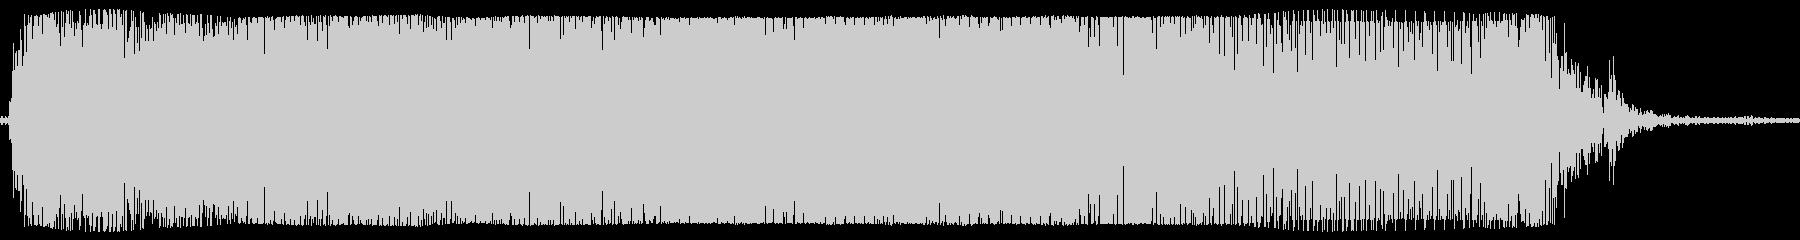 ギターメタルパワーコードzkの未再生の波形